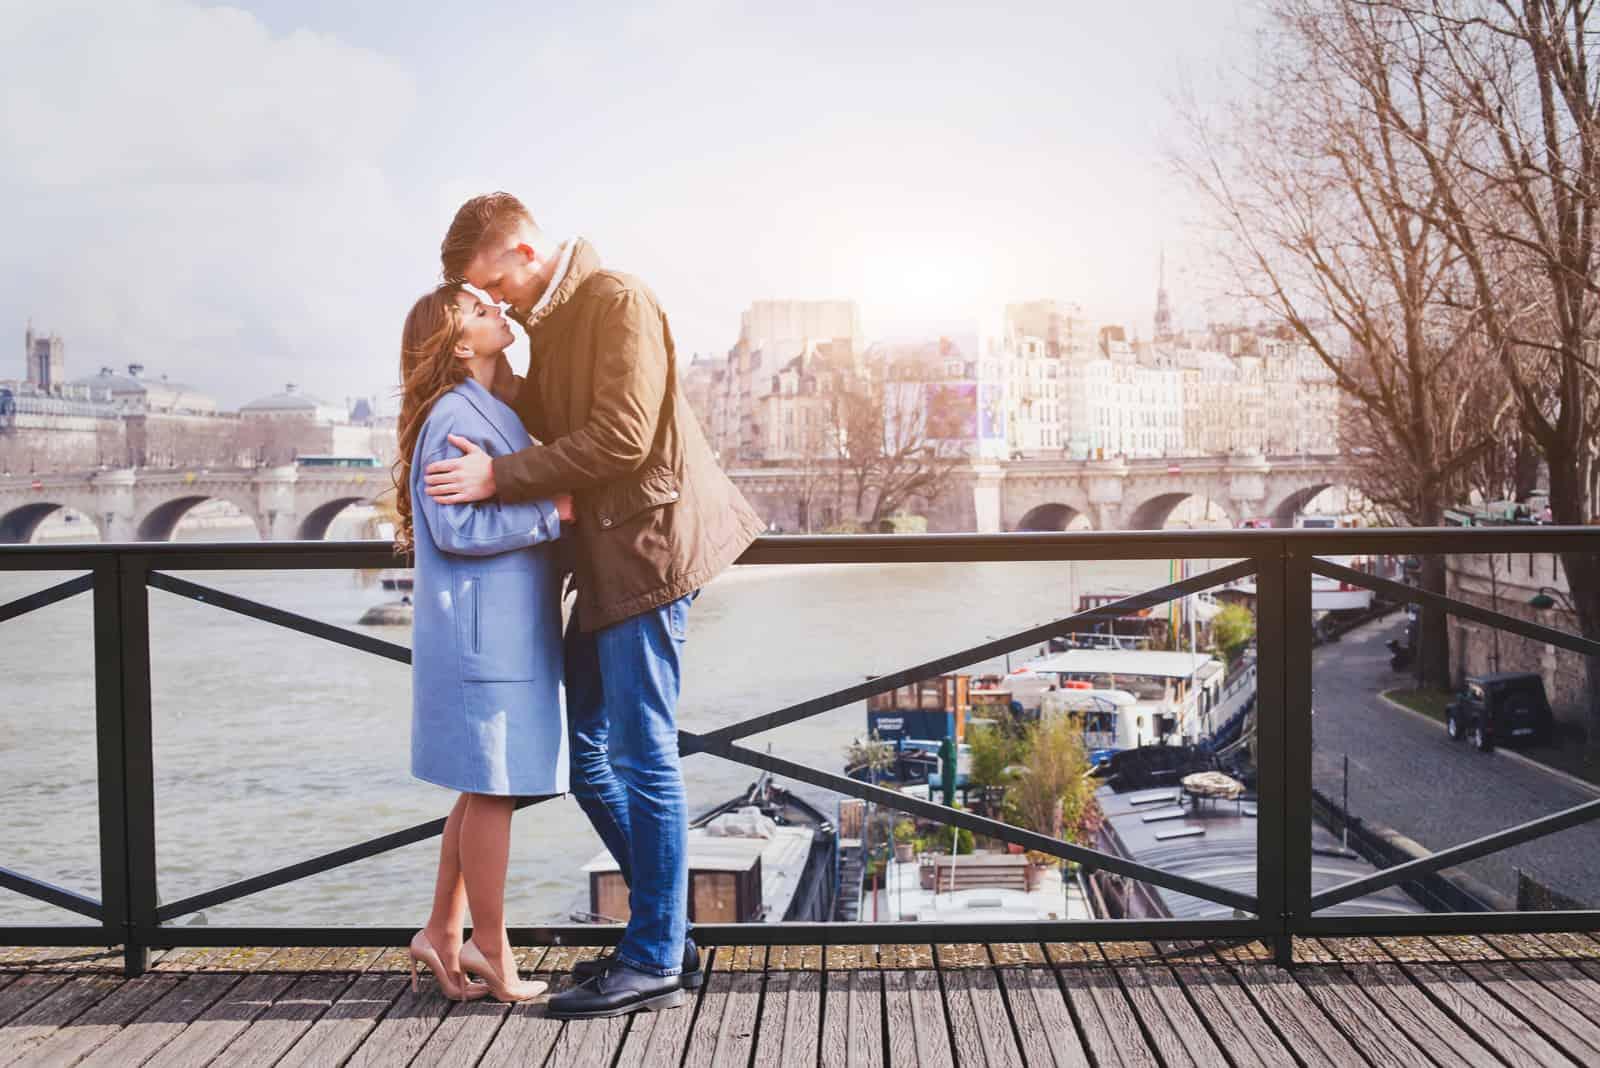 junges Paar küsst sich auf der Brücke